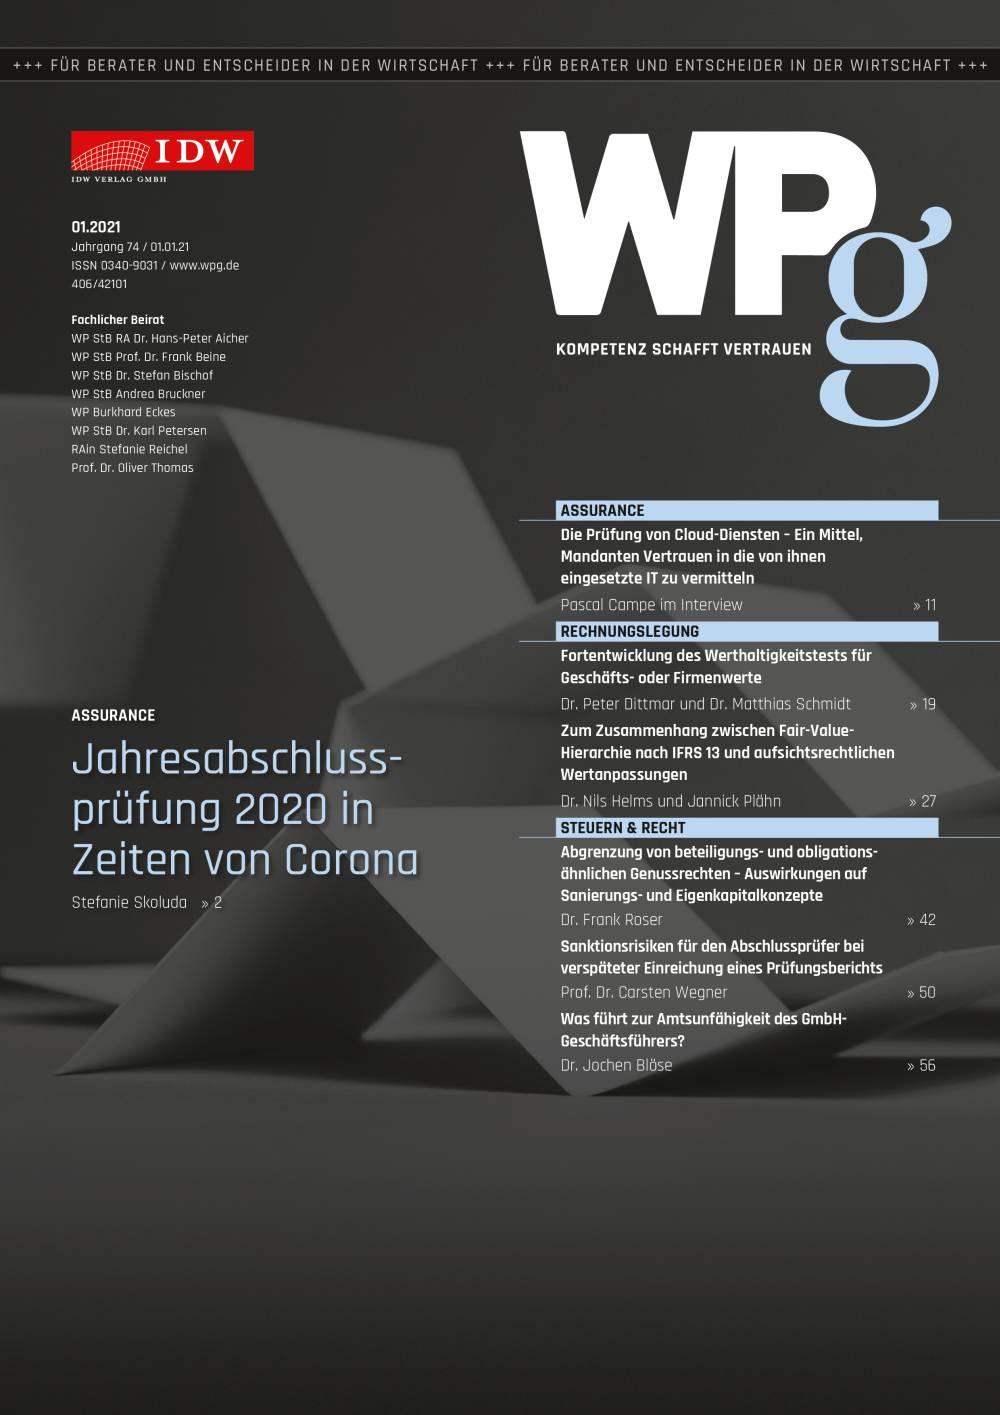 WPg - Die Wirtschaftsprüfung 1/2021